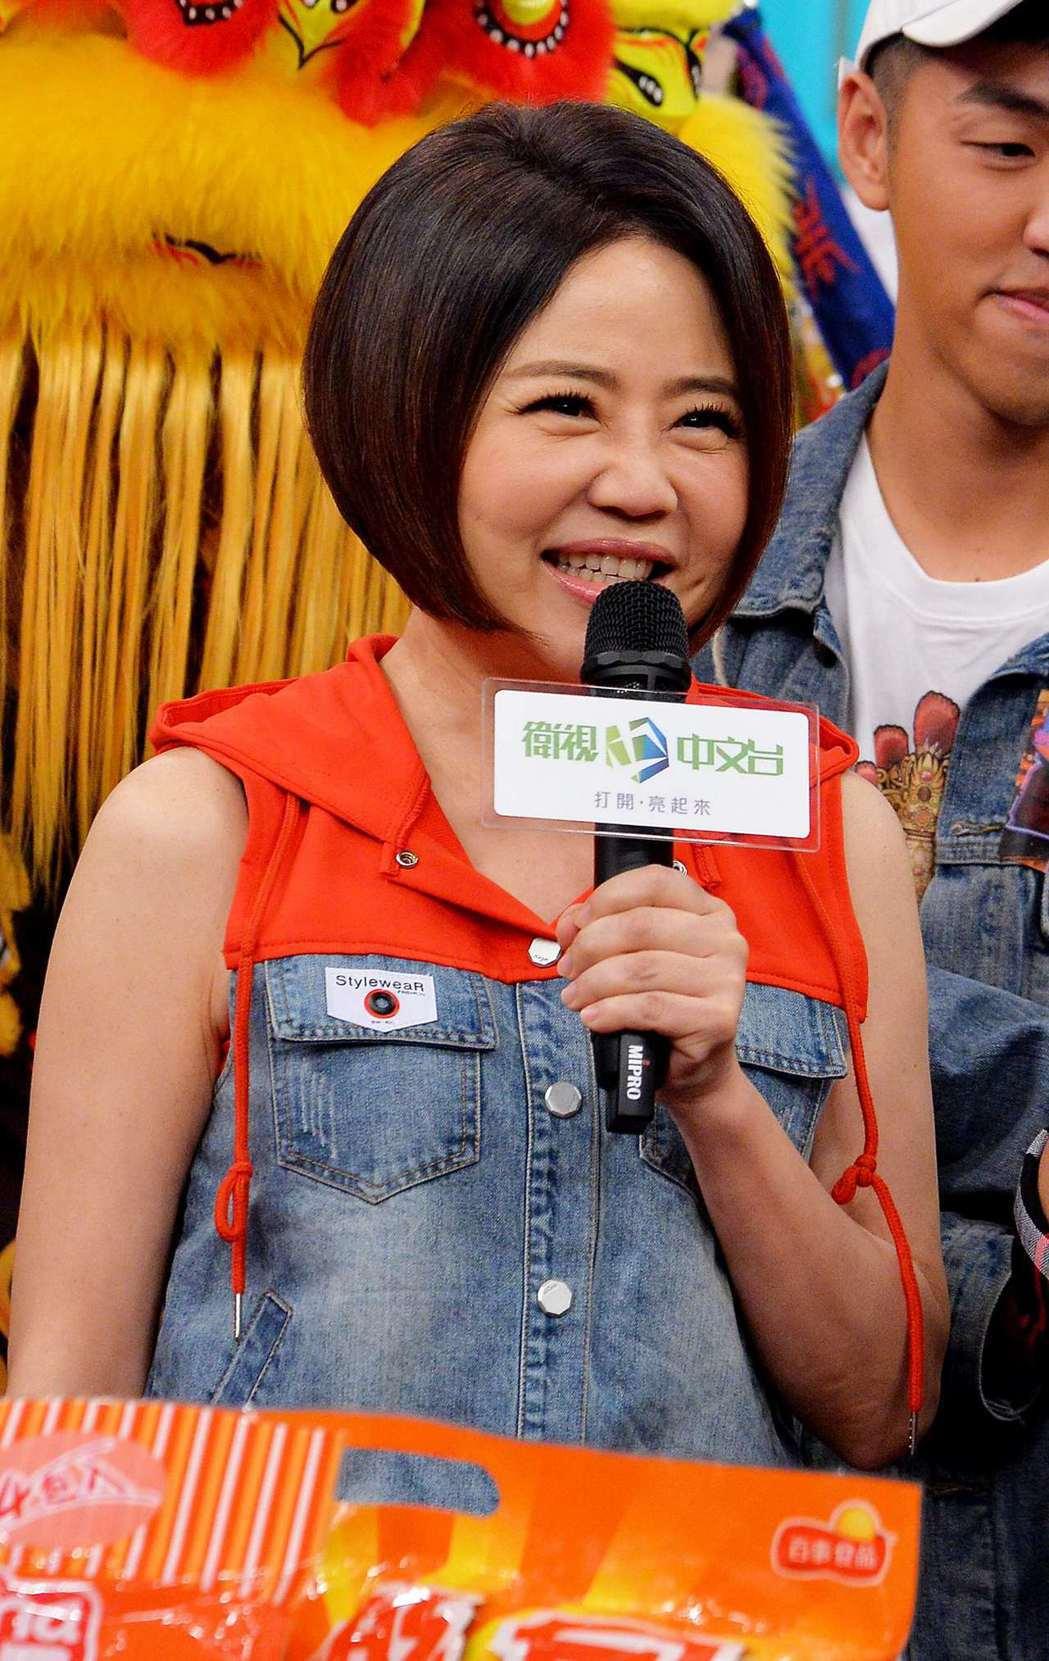 于美人主持衛視中文台新節目「請問你是哪裡人」。圖/衛視中文台提供